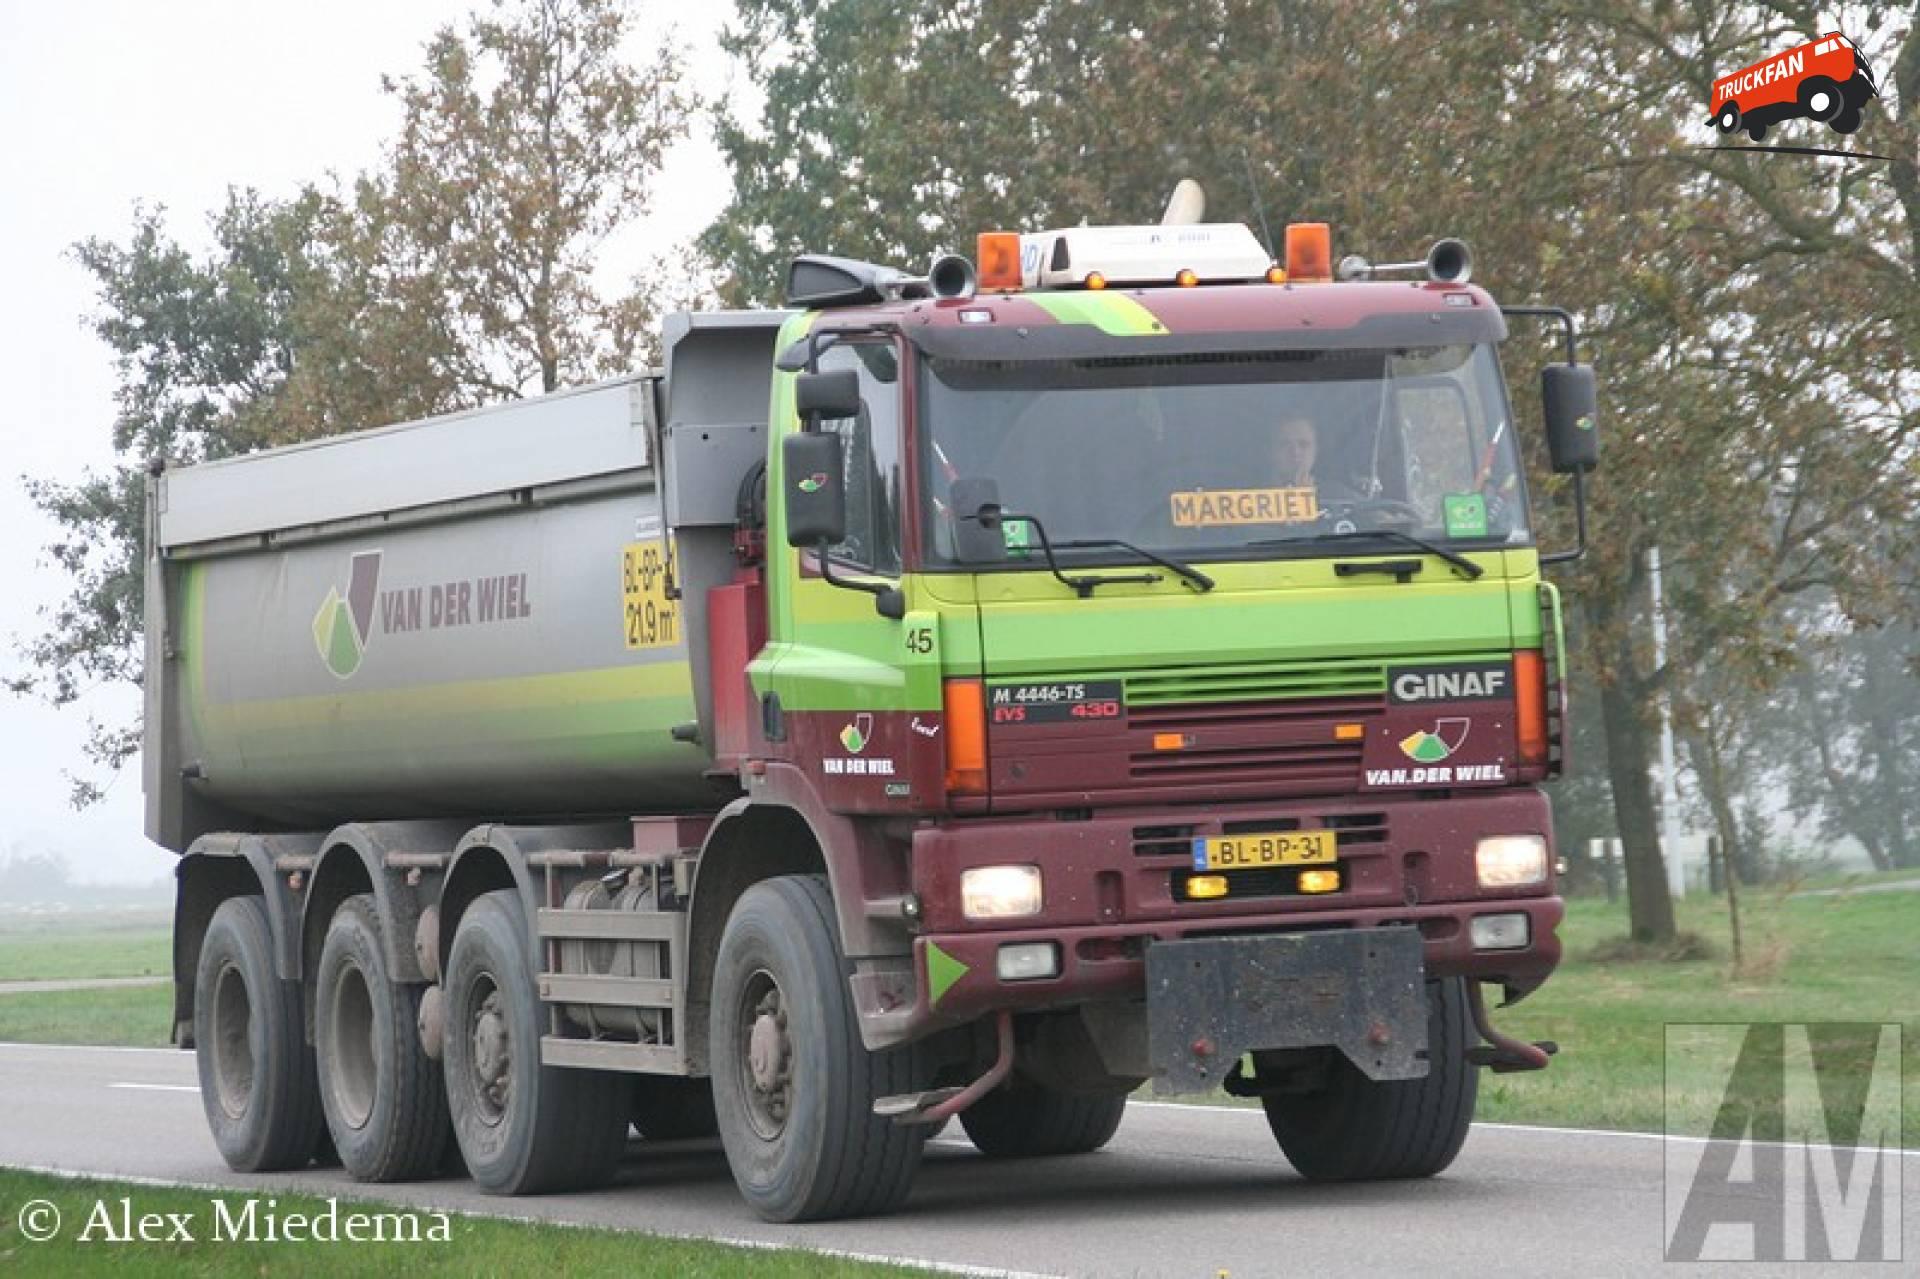 GINAF M4446-TS